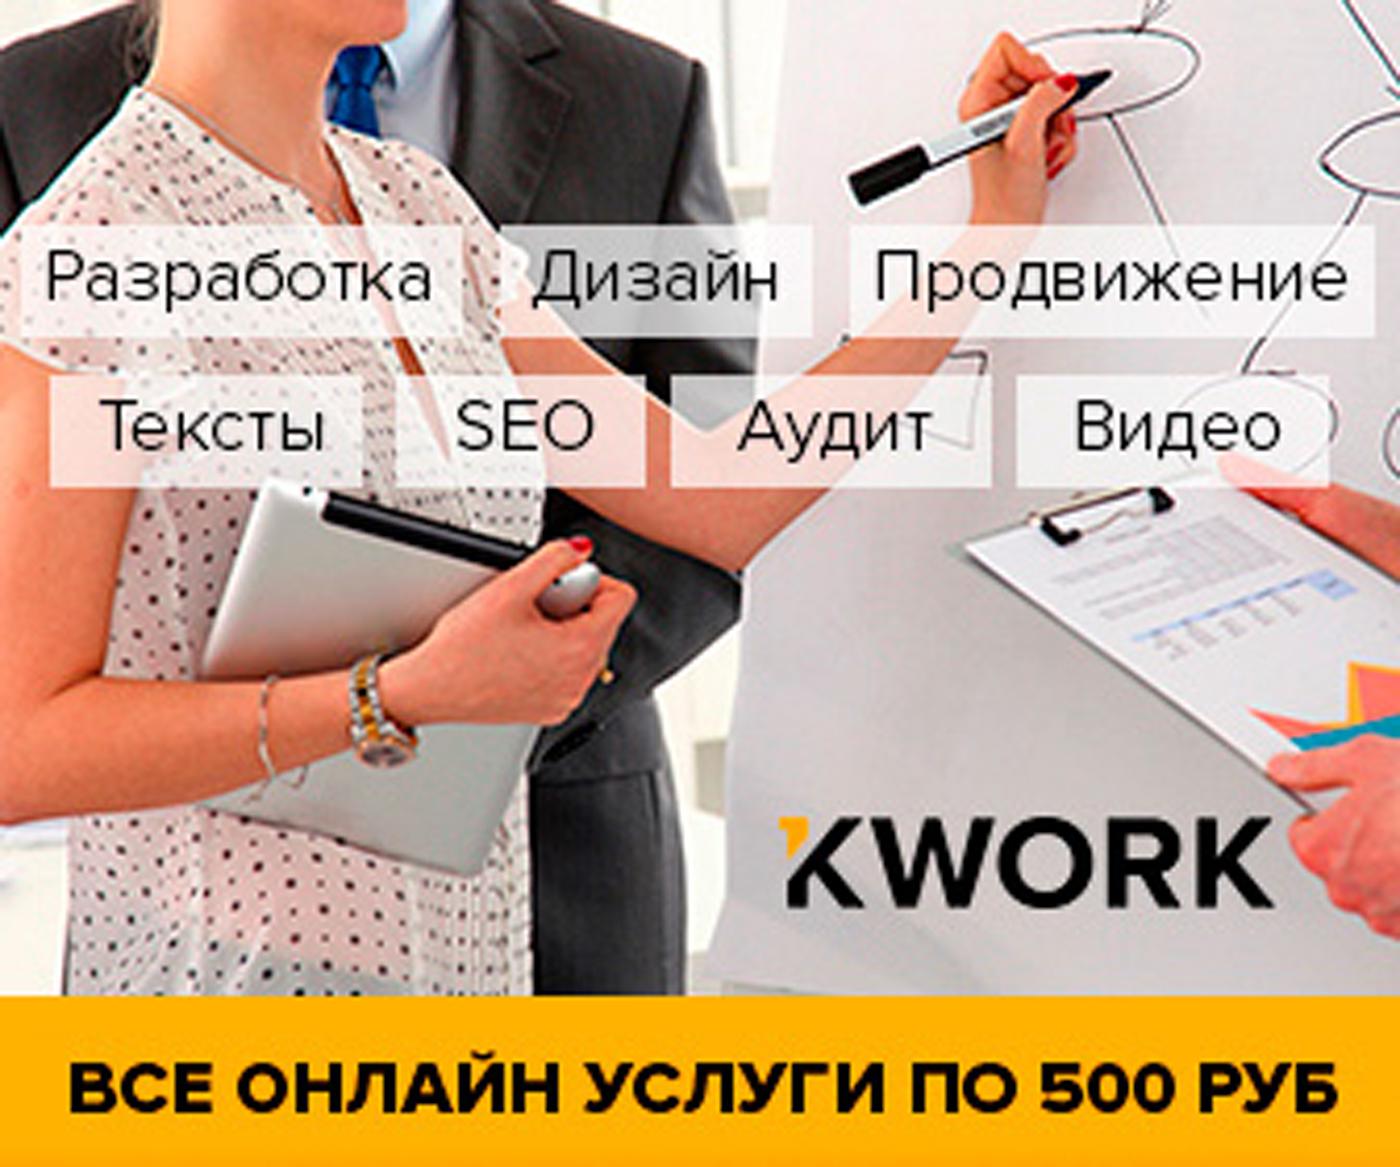 Процесс вывода заработанных средств с биржи фриланса Kwork.ru.